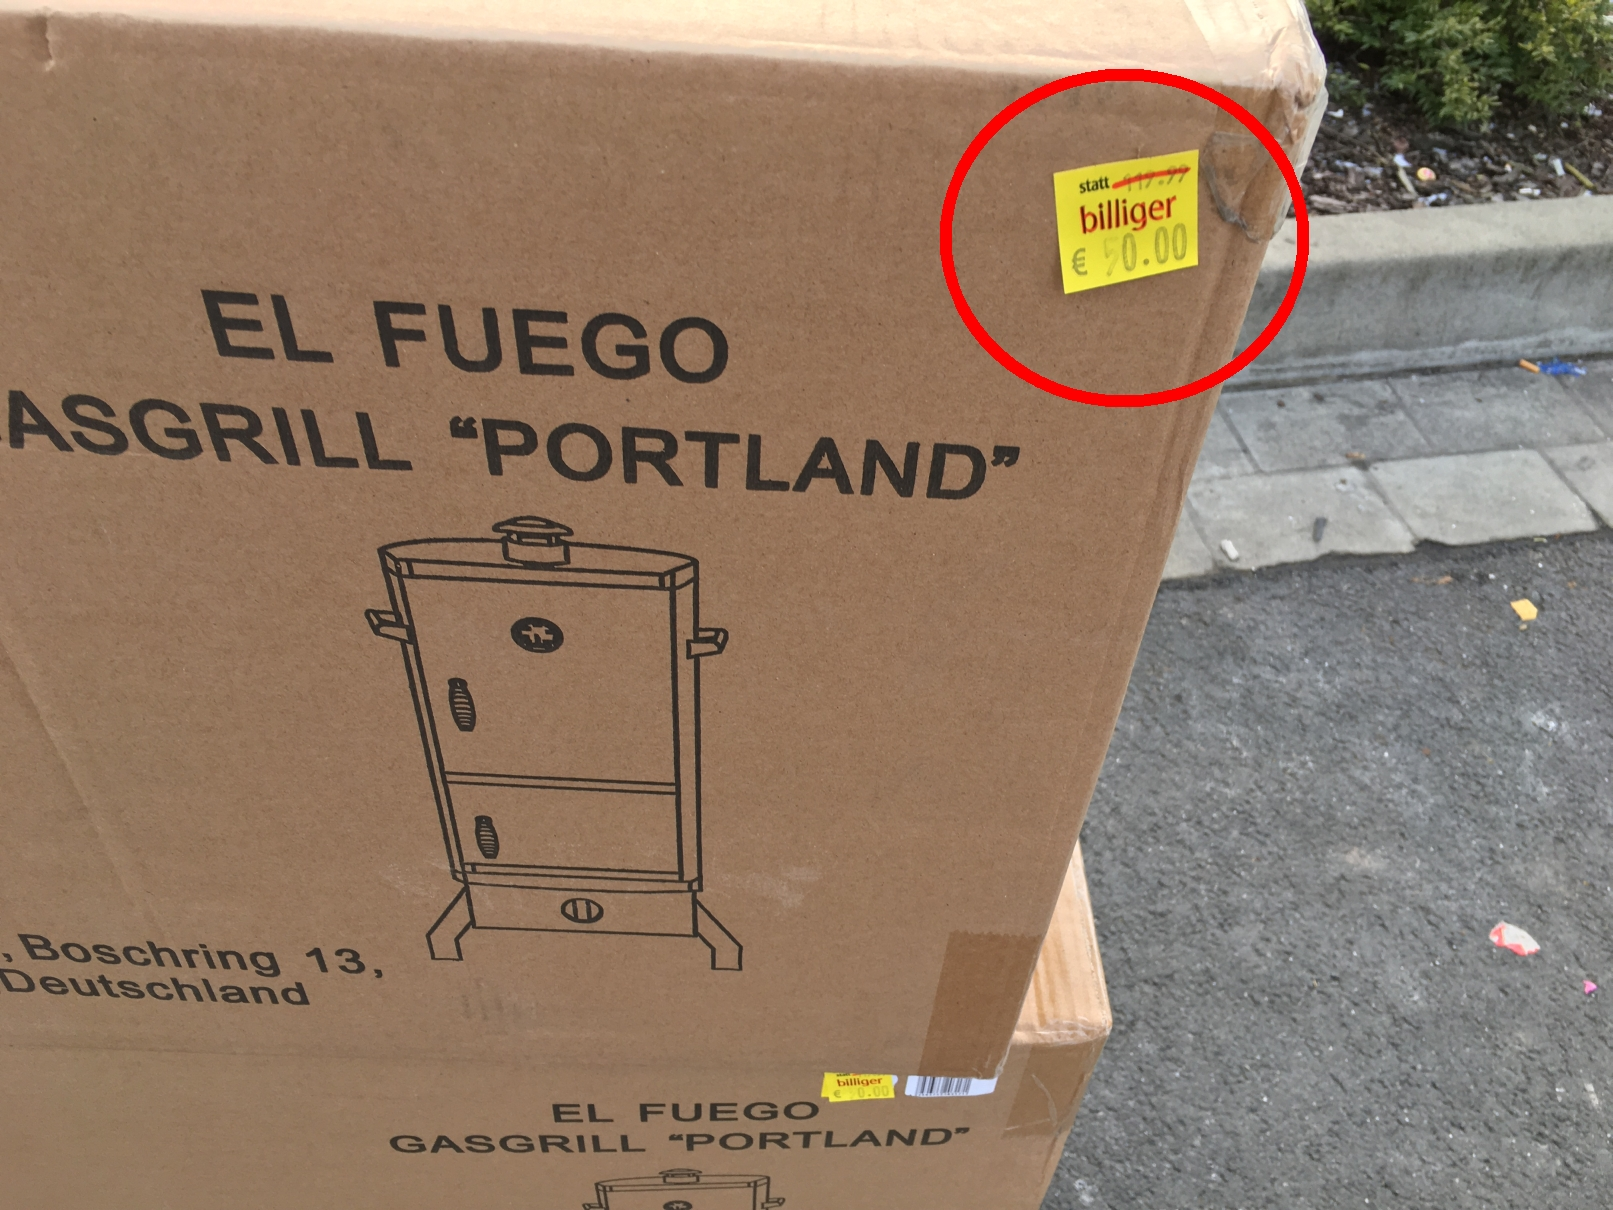 Landmann Gasgrill Famila : Es sind noch el fuego portland verfügbar bei famila seite 7